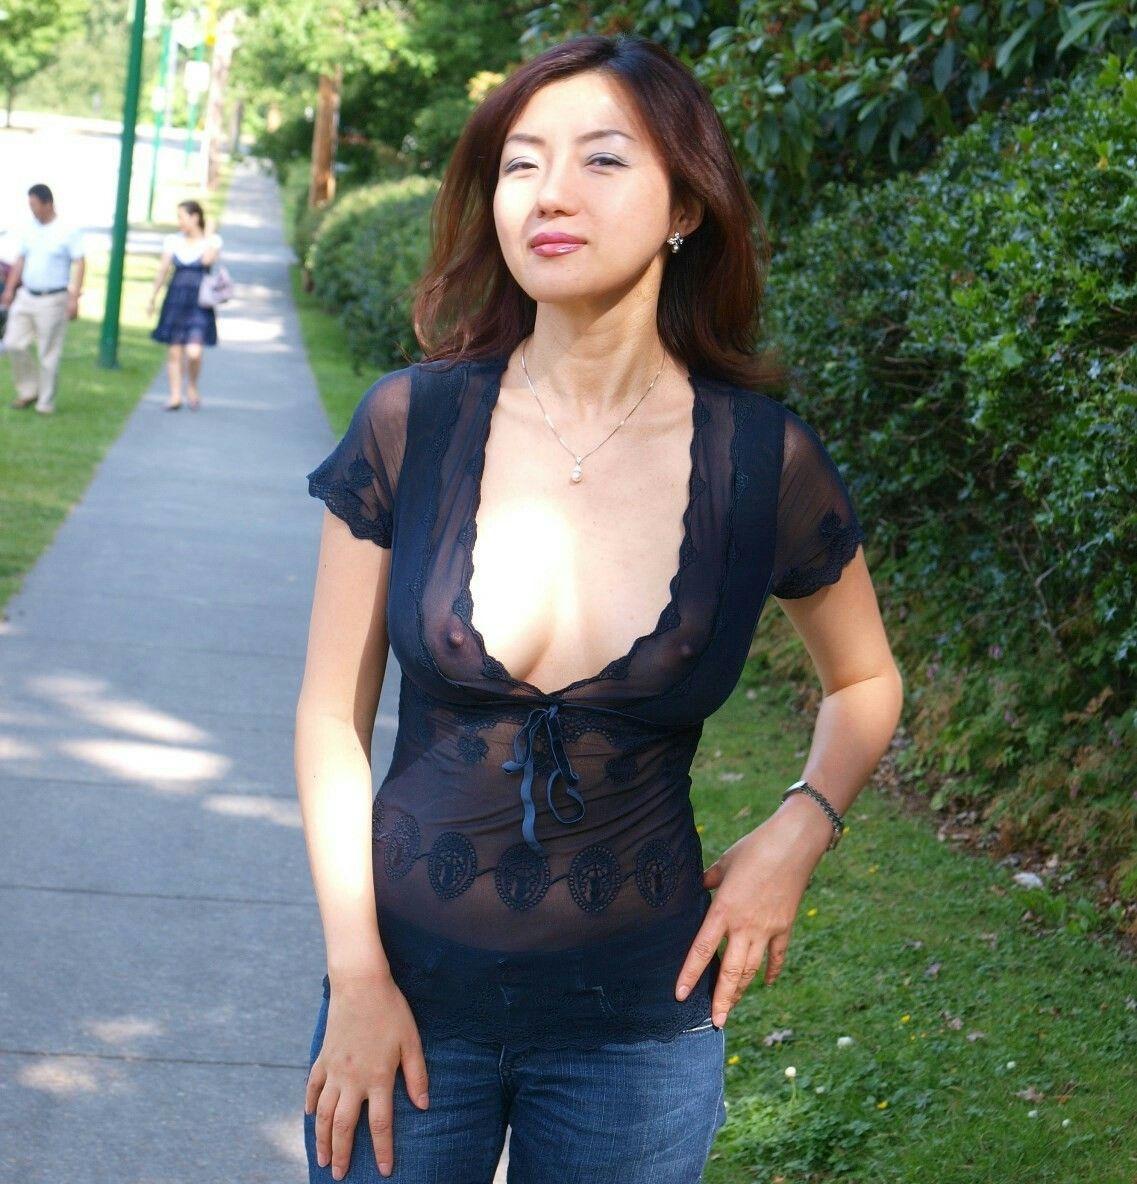 Well Asian women in public